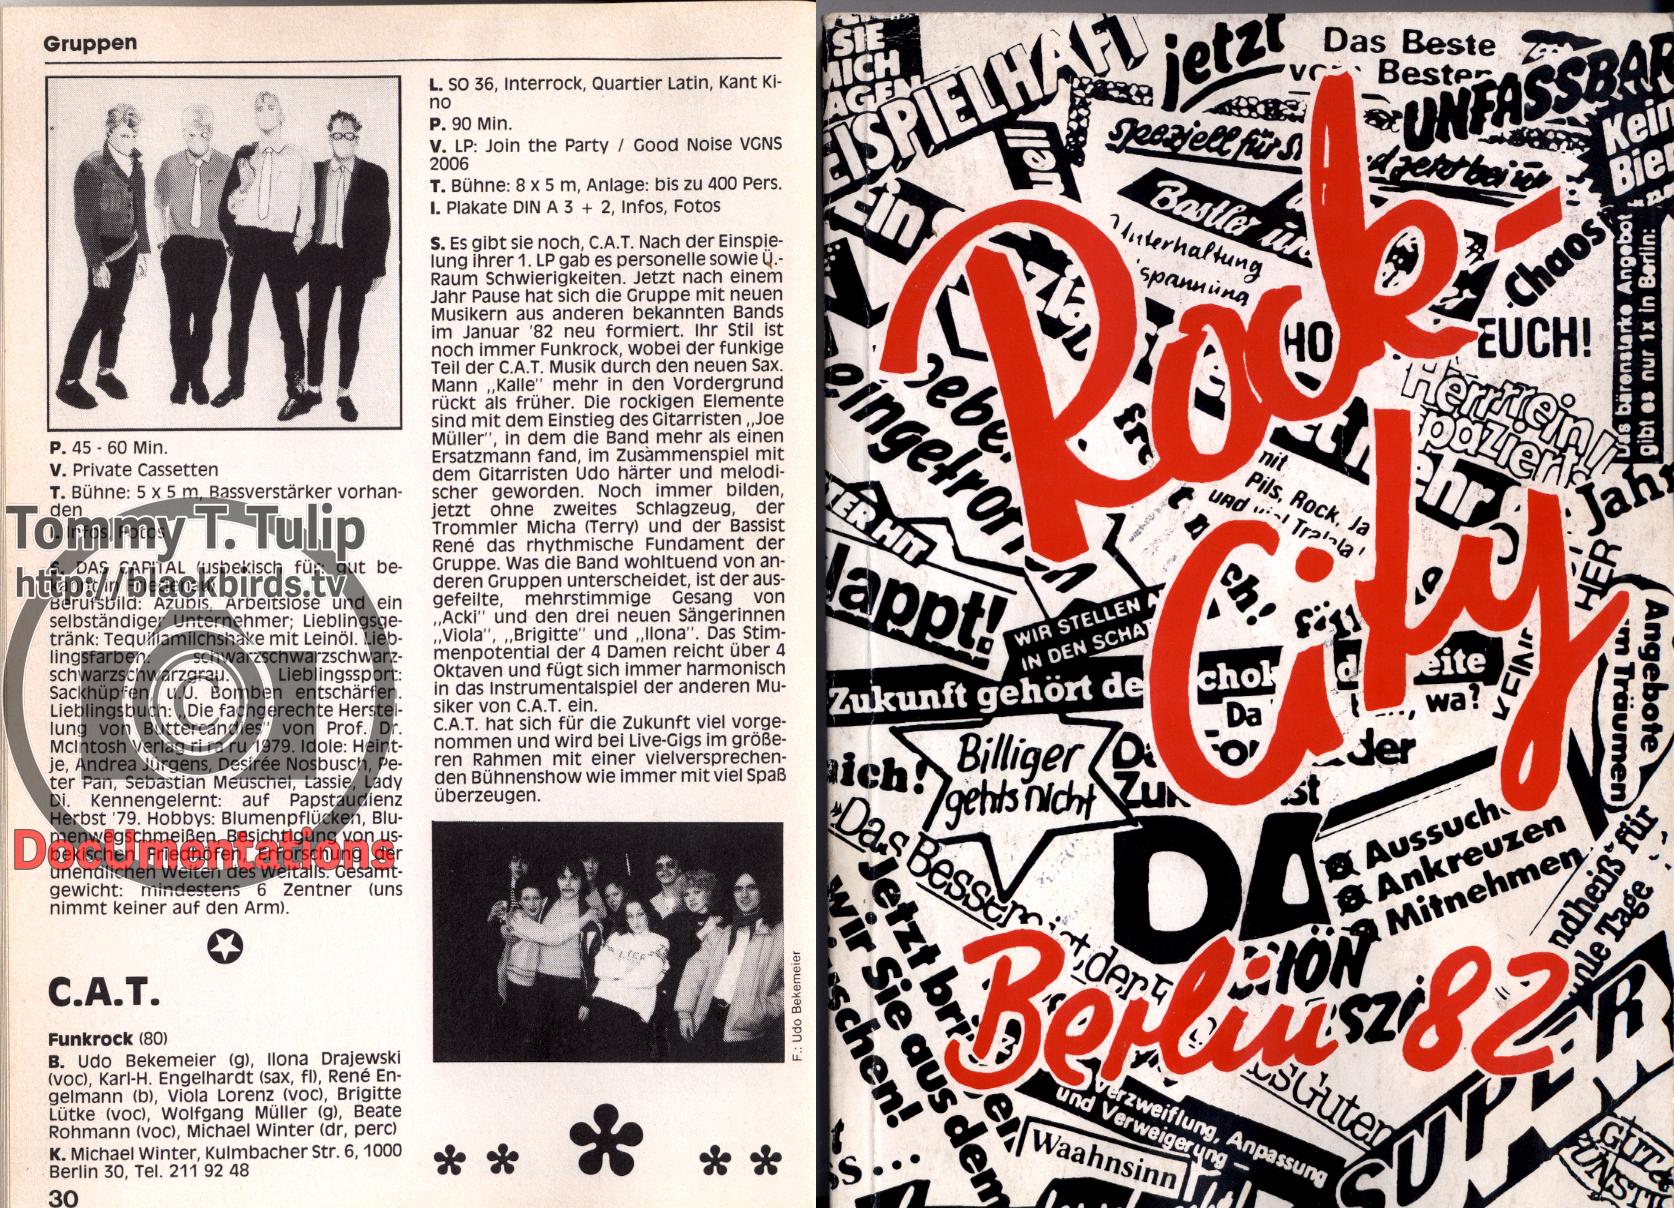 """Auszug/Exzerpt aus Rock City Berlin '82 - Das Jahrbuch der Berliner Musikszene (Bandeintrag """"C.A.T."""" Funkrock (Gründungsjahr 1980) mit Text und Foto."""